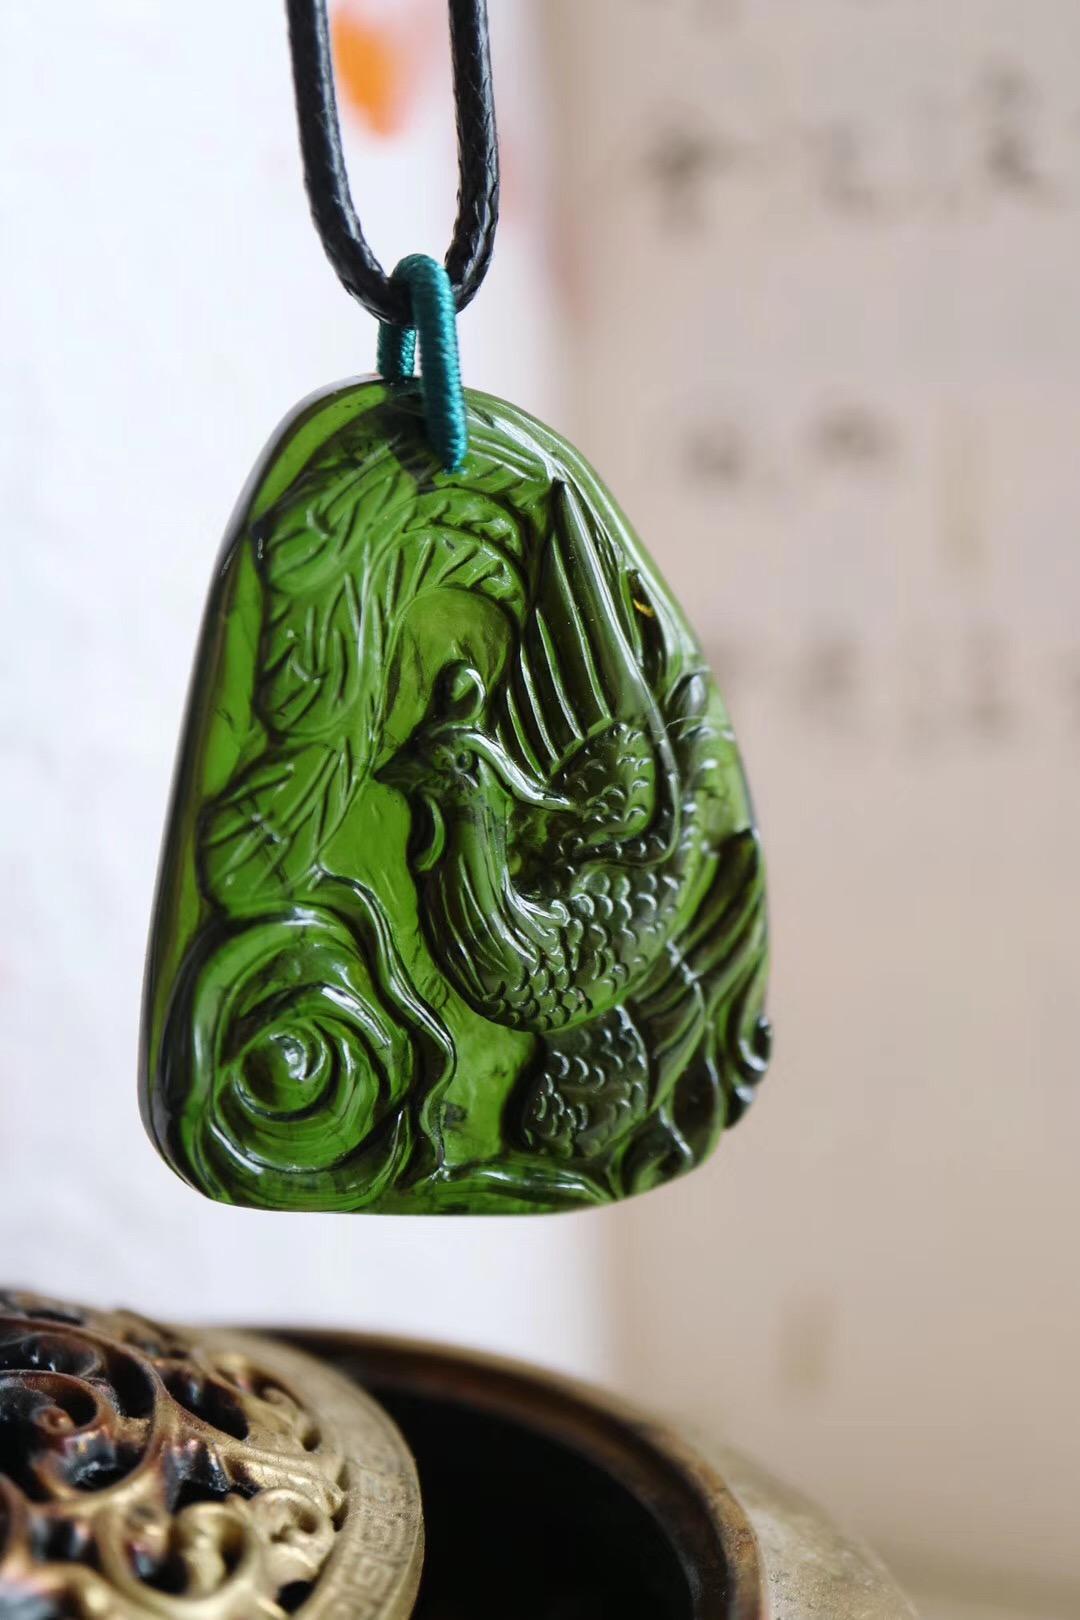 【菩心-绿碧玺 凤凰】这是一枚翠绿碧玺凤凰,原石是巴西老矿碧玺-菩心晶舍